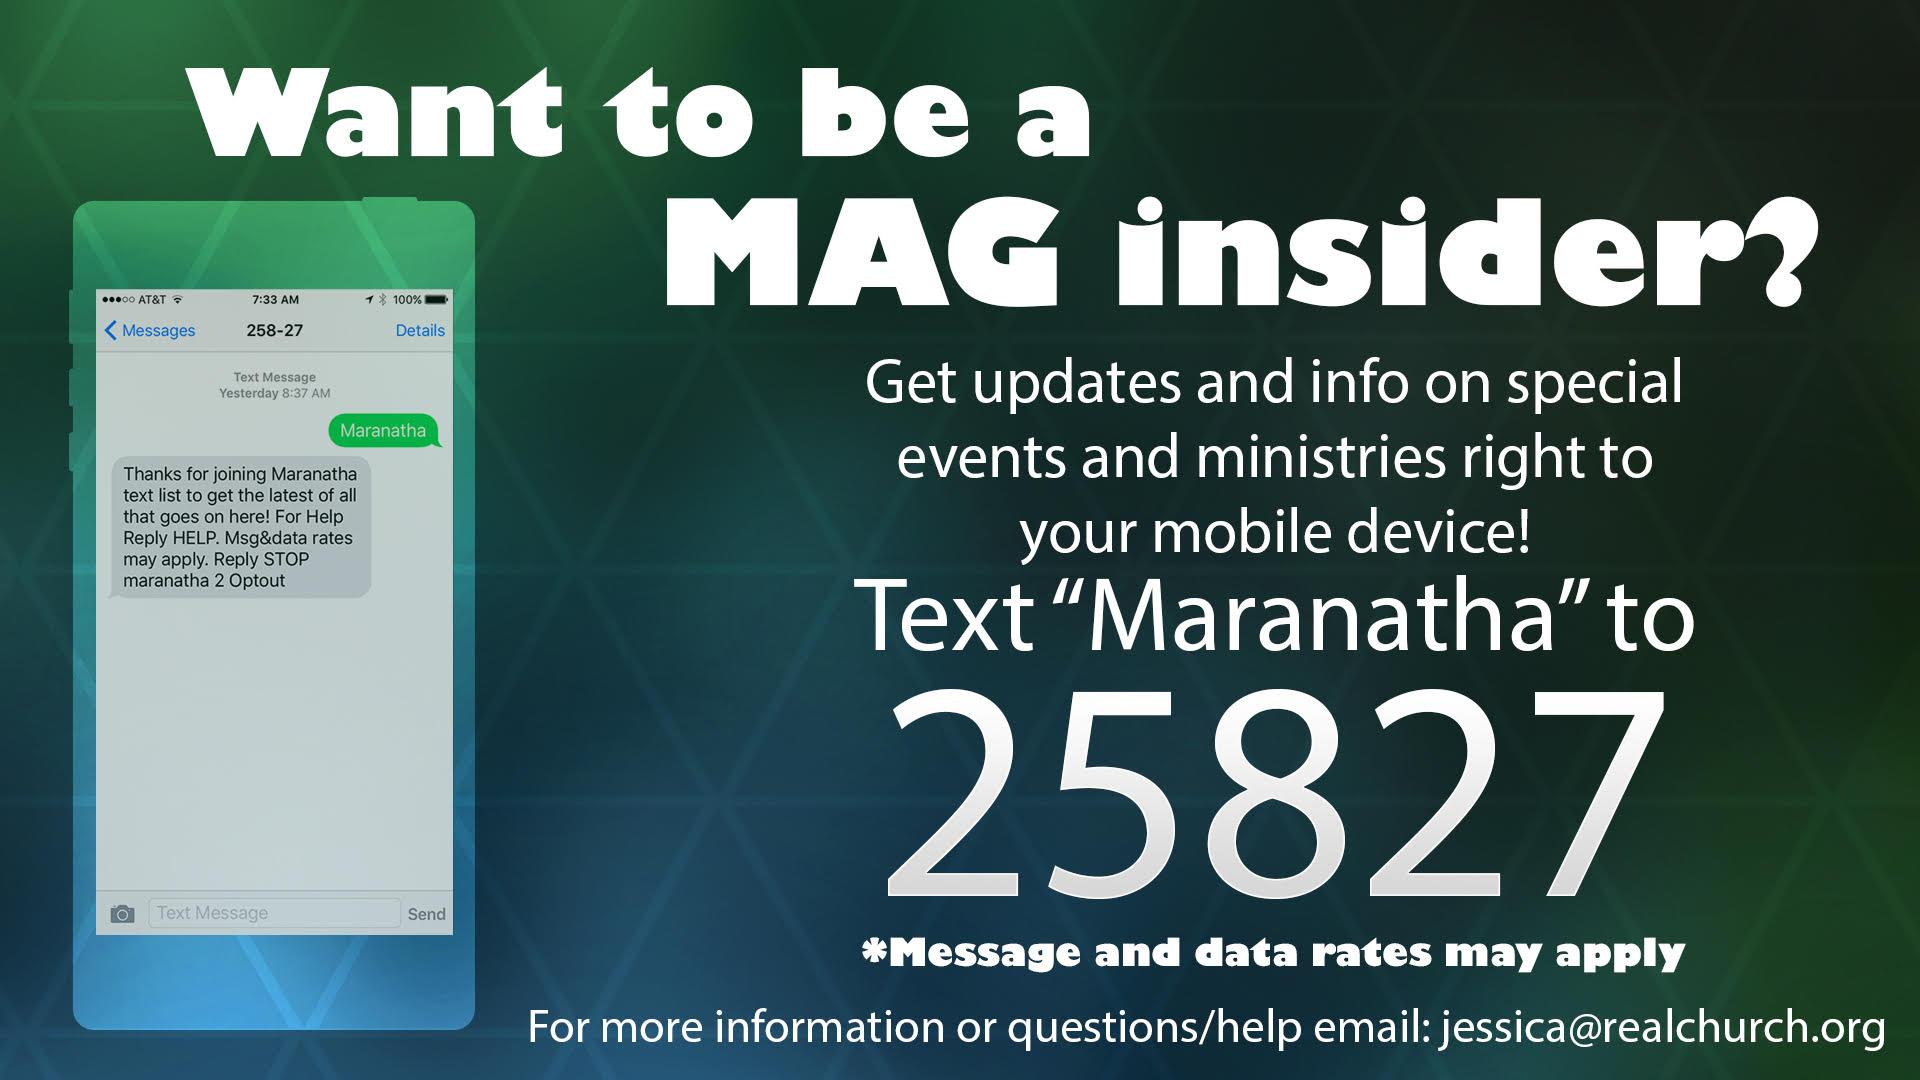 mag insider - text bulletin